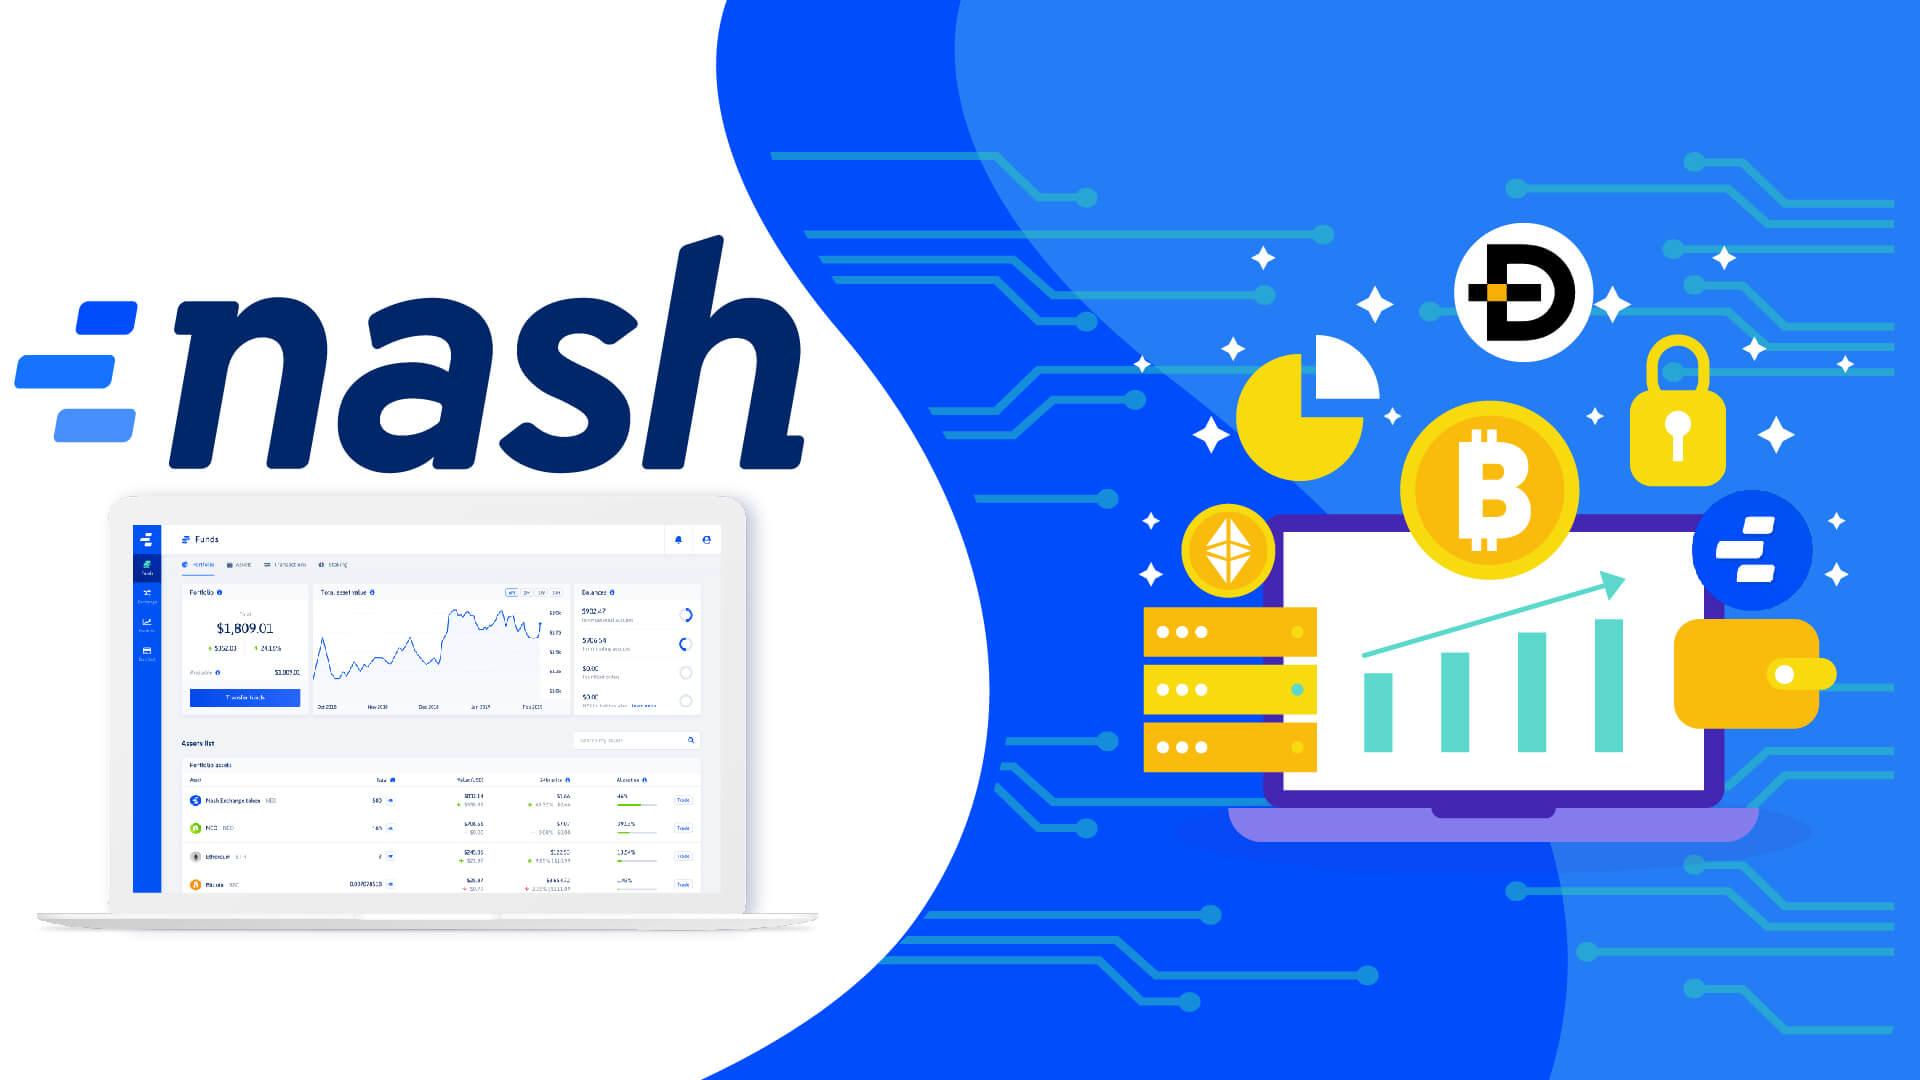 مطور: منصة Nash لتداول العملات الرقمية غير قابلة للاختراق